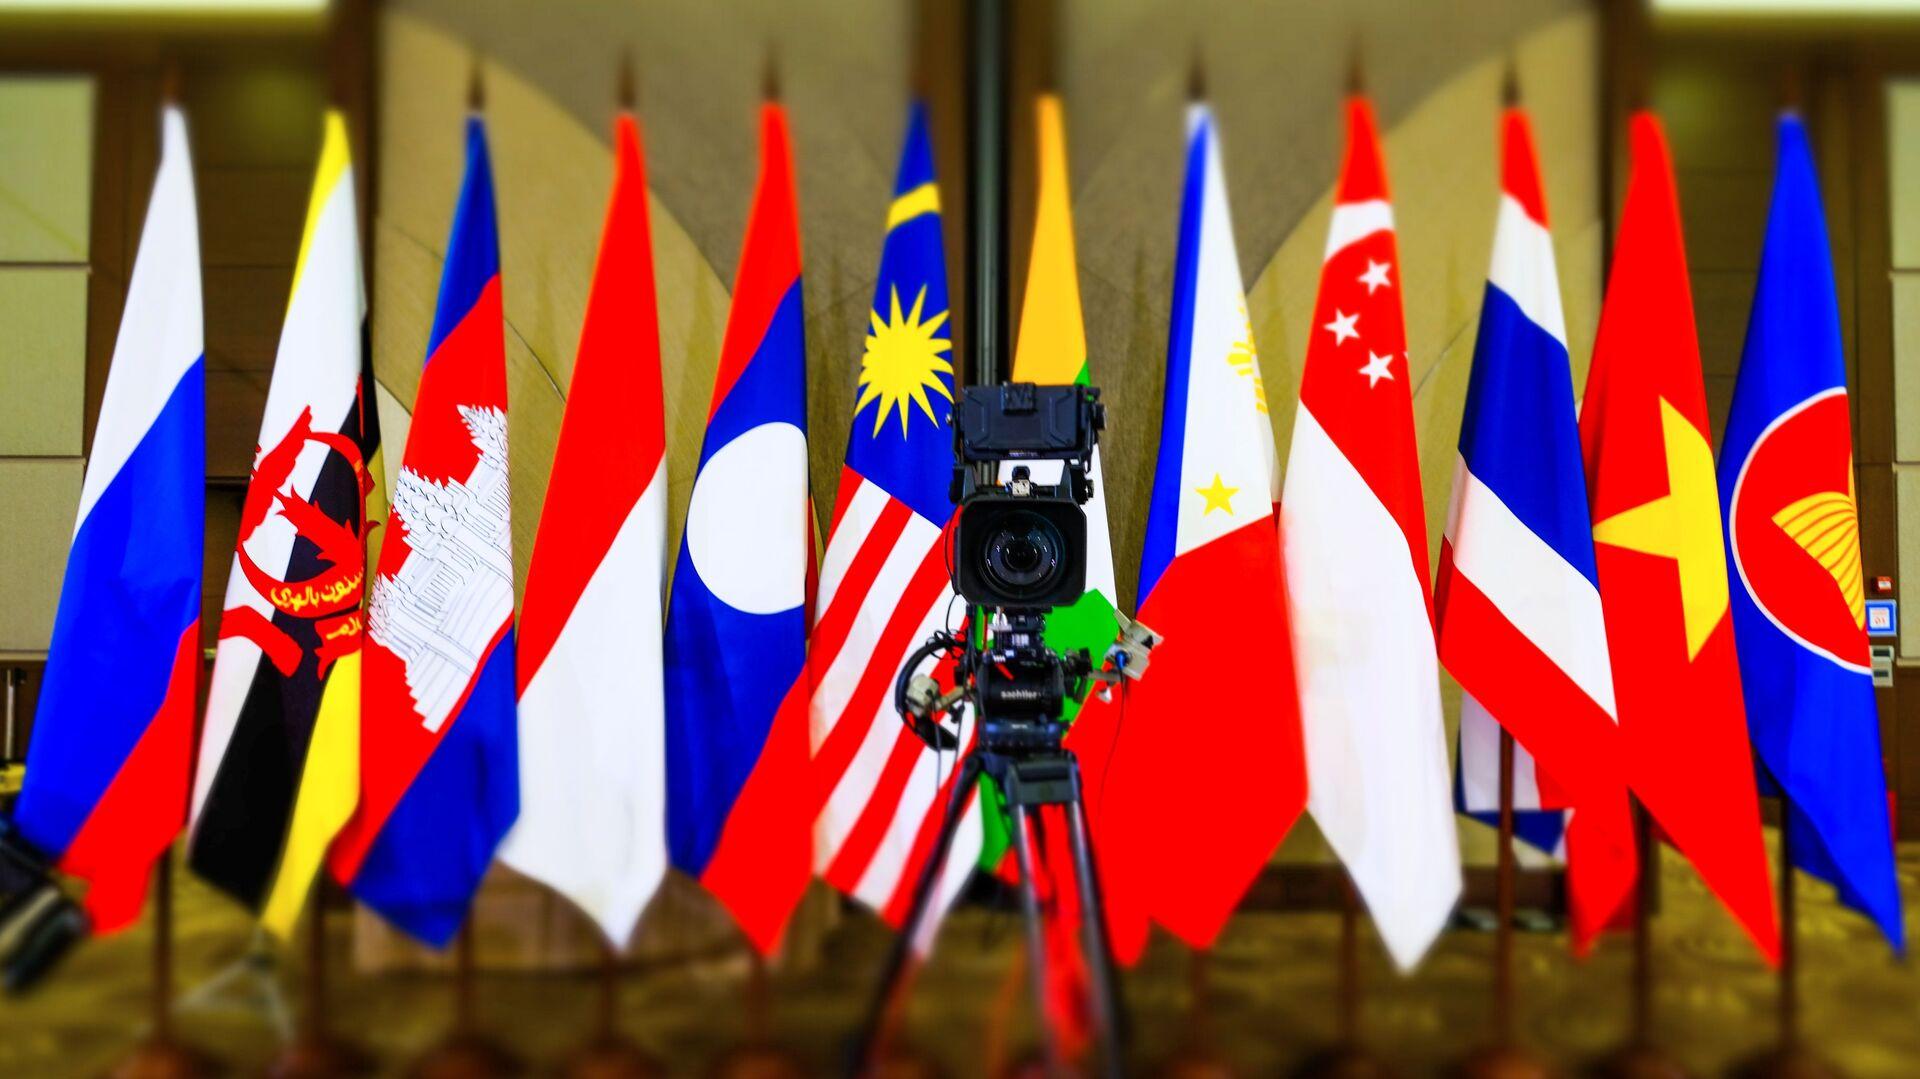 Quốc kỳ các nước thành viên ASEAN tại Trung tâm hội nghị Sochi. - Sputnik Việt Nam, 1920, 04.08.2021